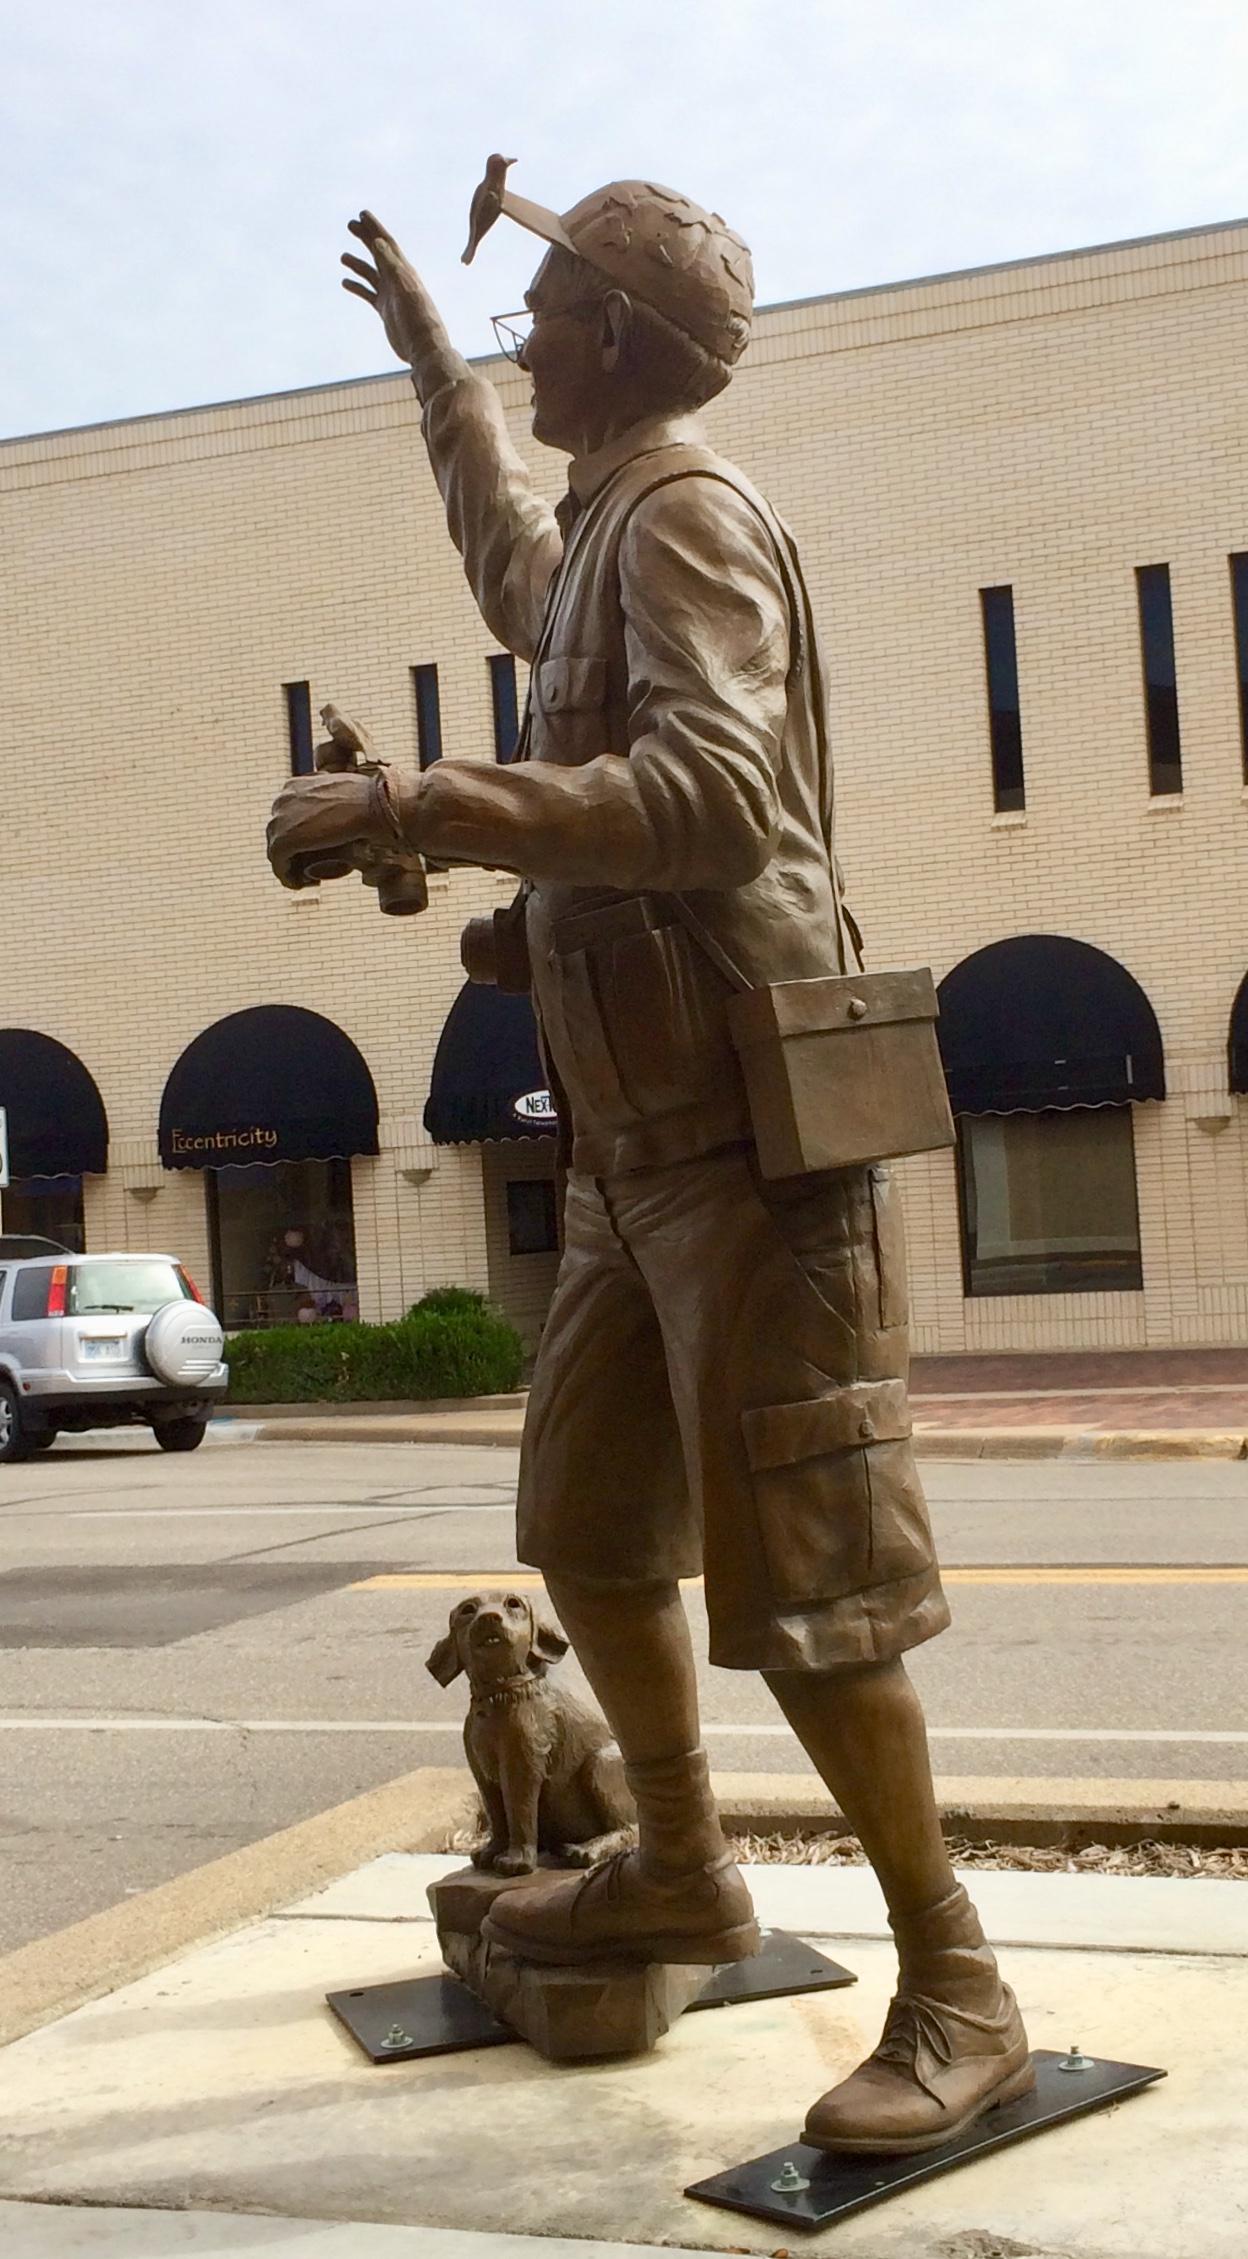 A statue of a birder in Salina, Kansas.